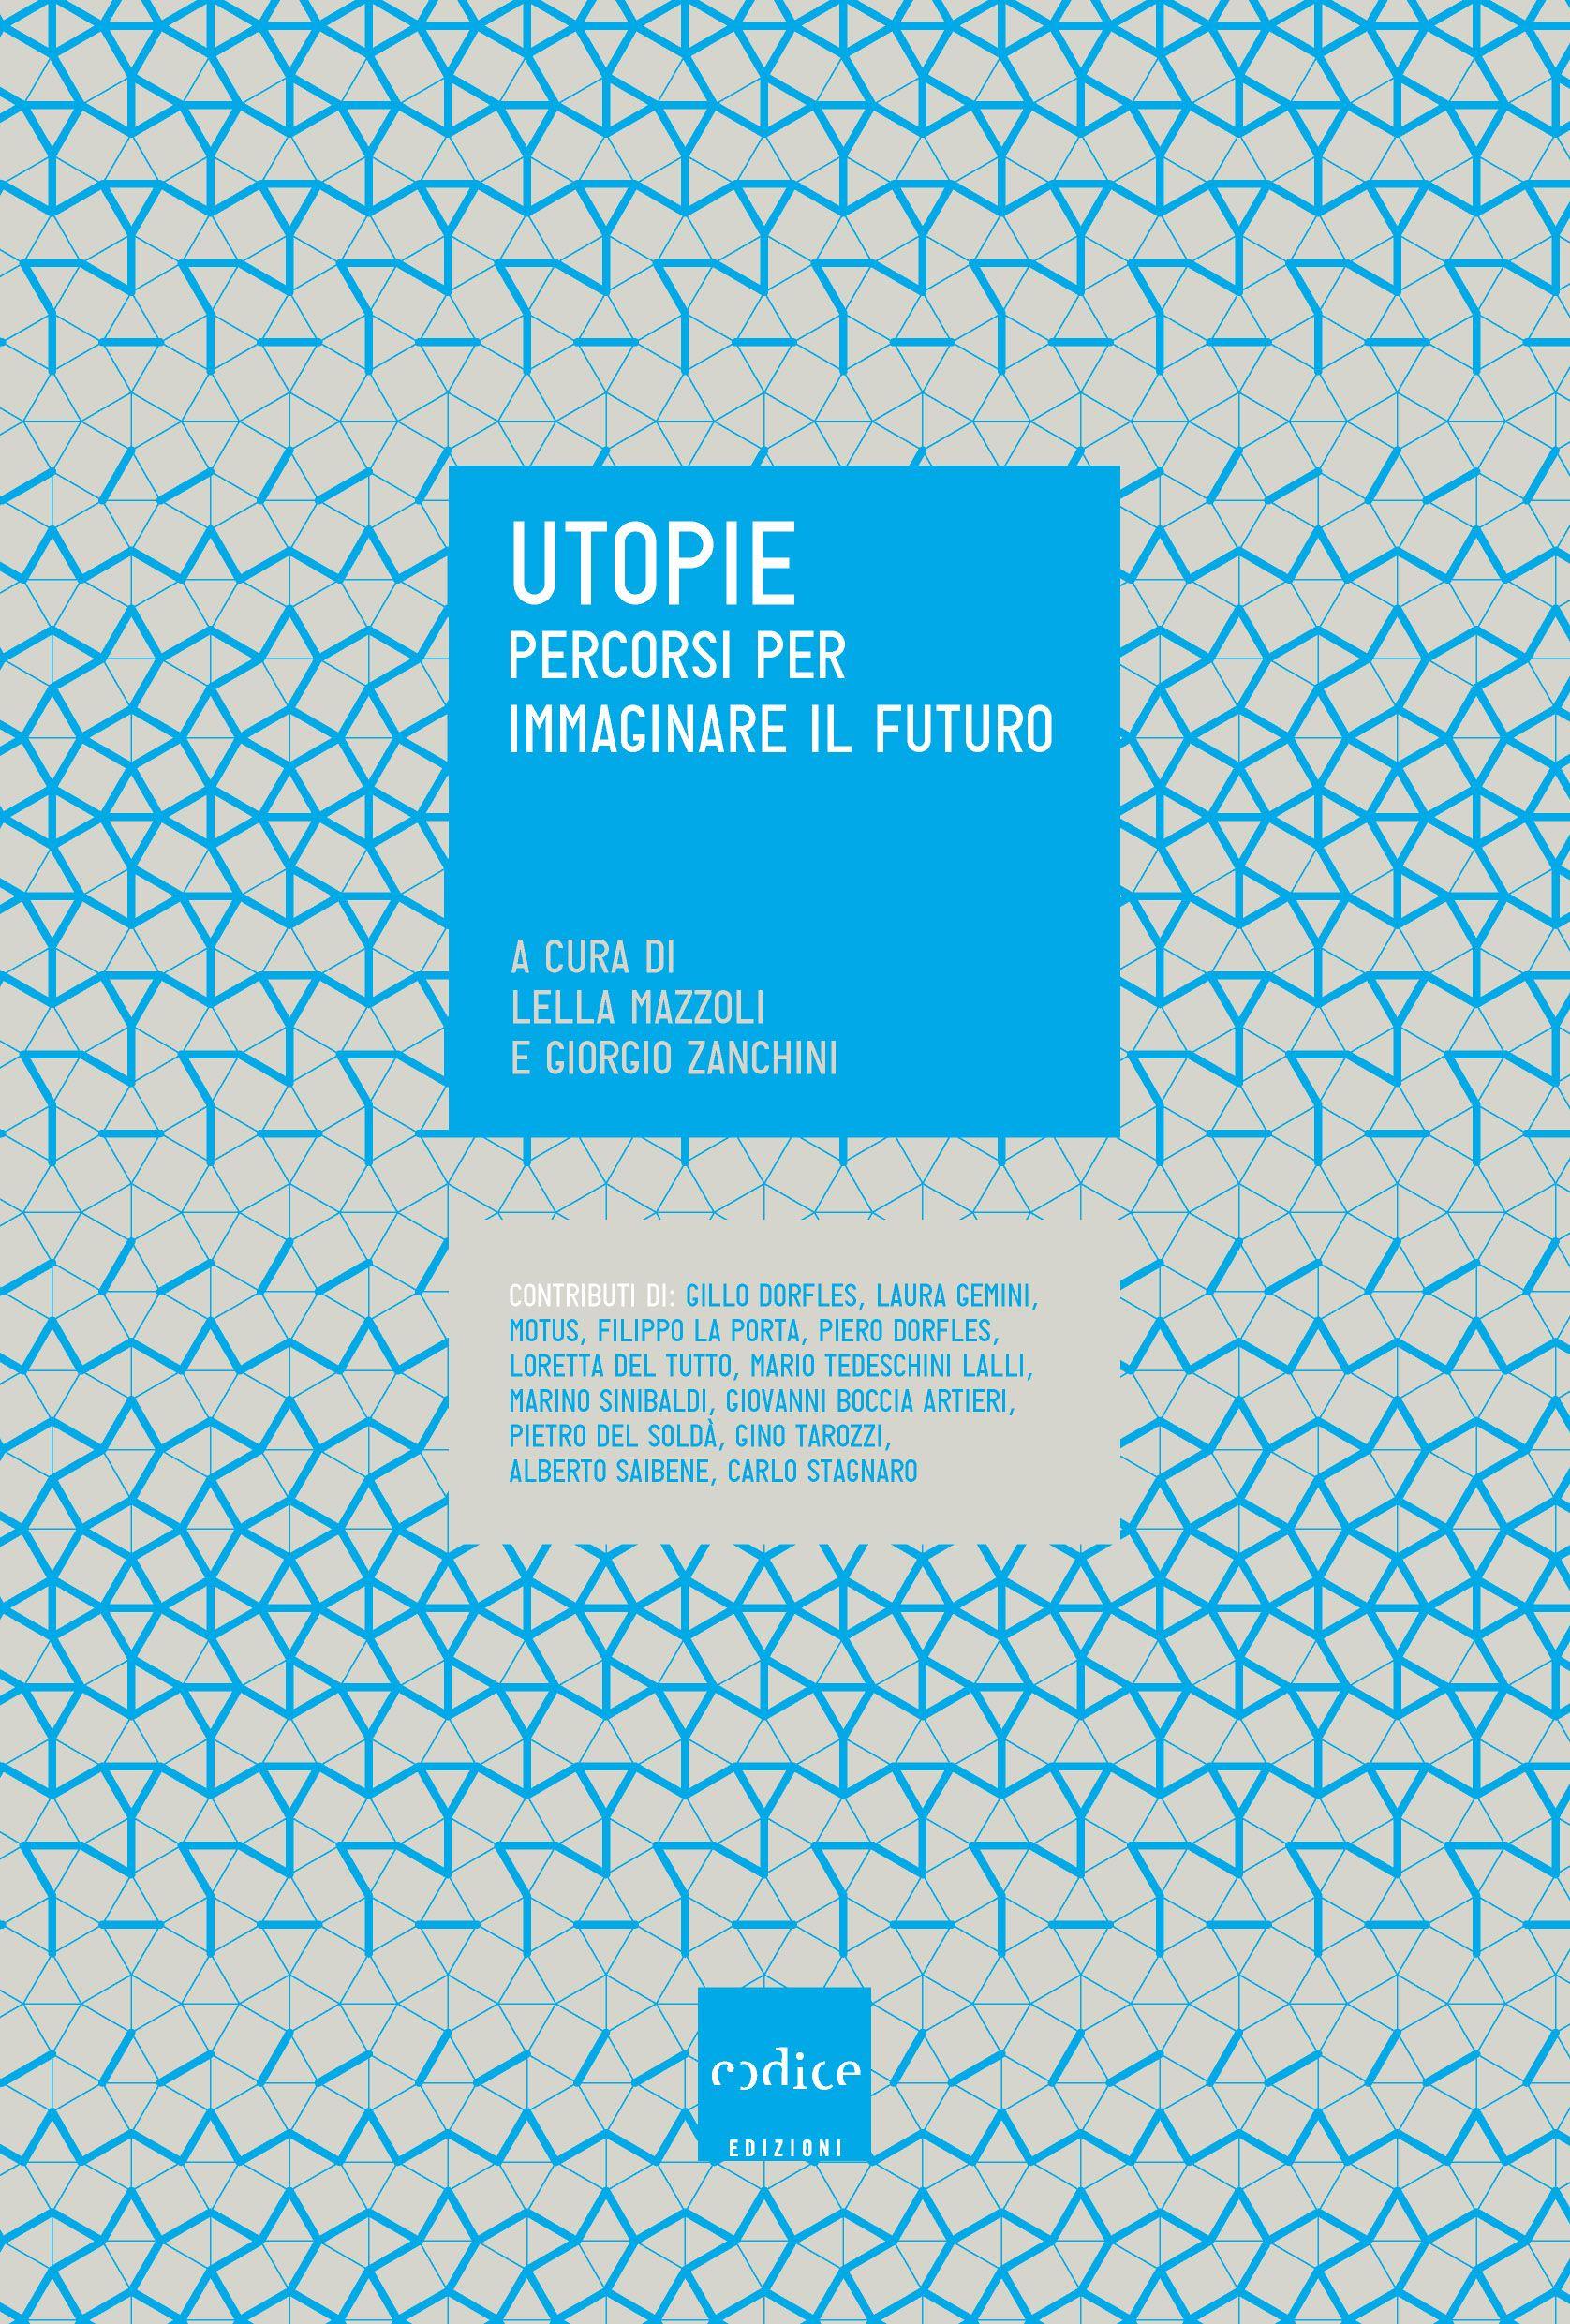 Lella Mazzoli, Giorgio Zanchini - Utopie